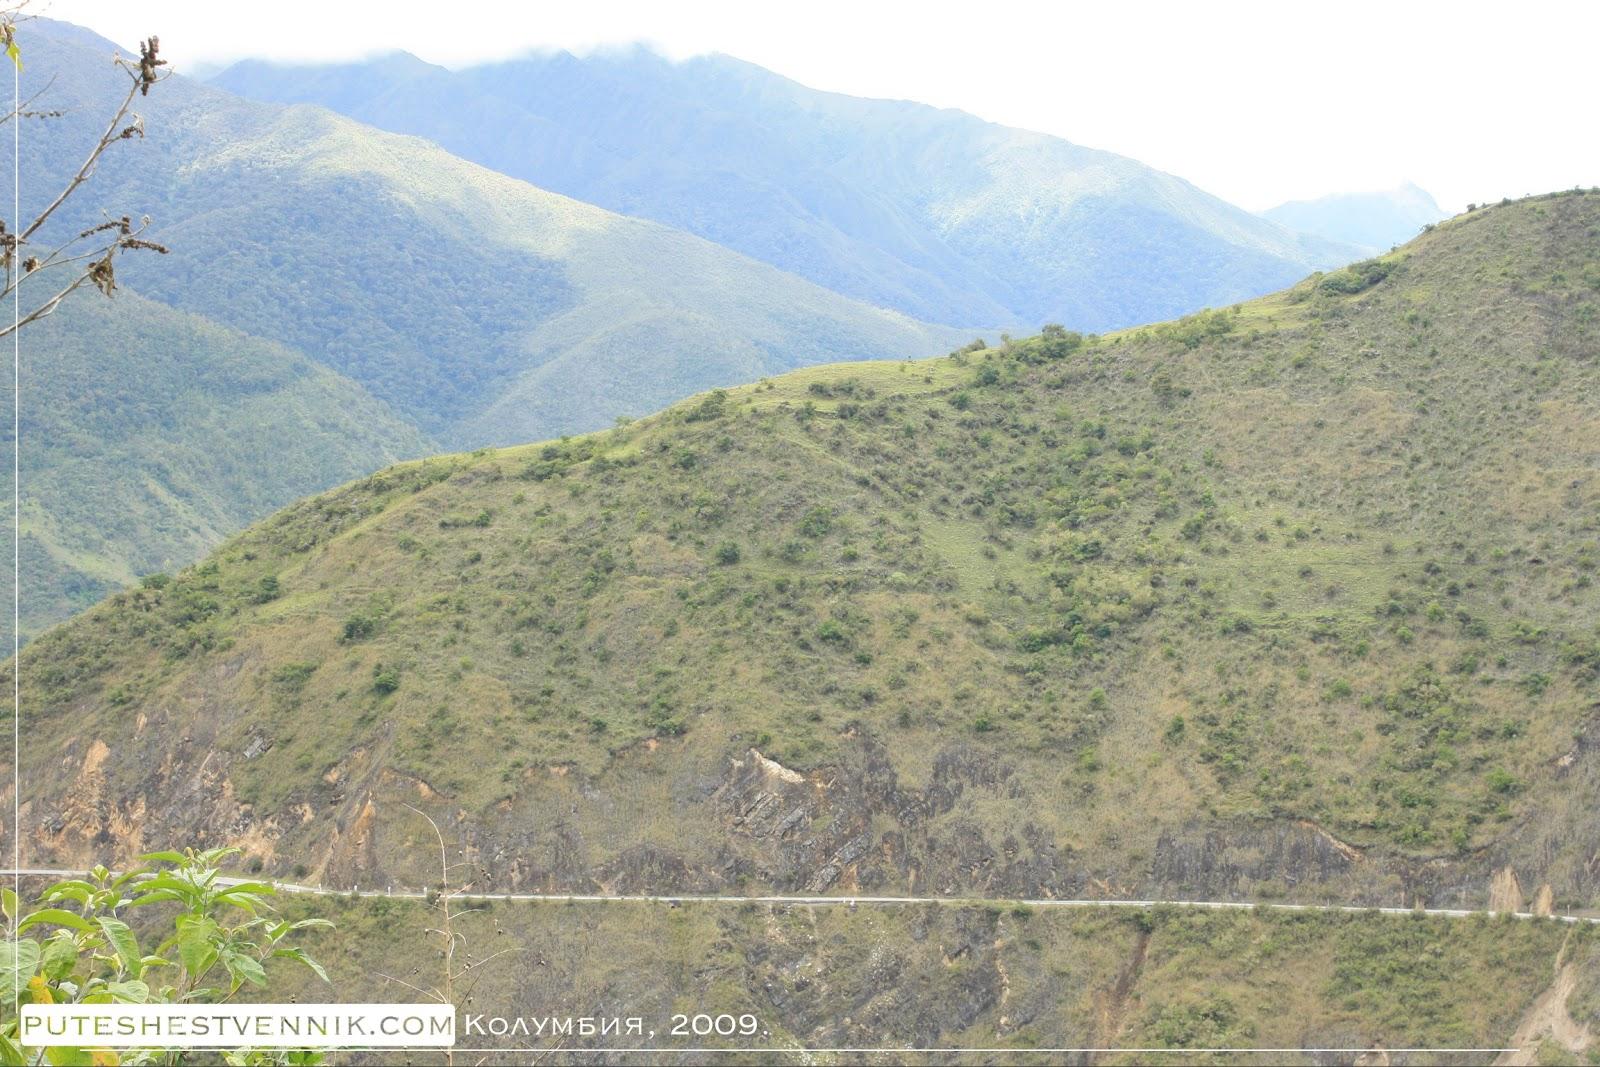 Горная дорога в Колумбии